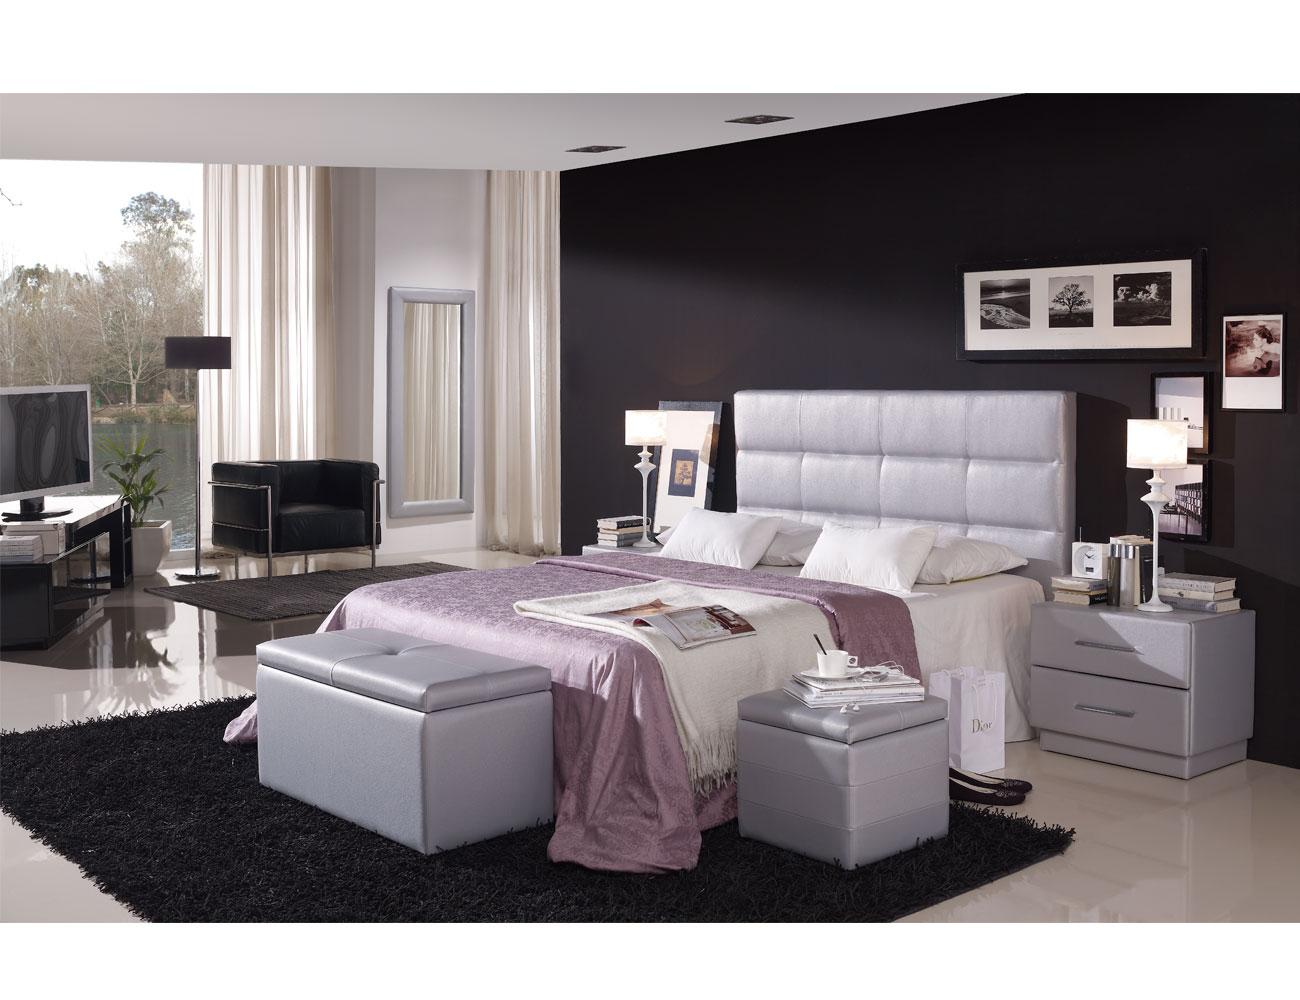 23 marco tapizado dormitorio95